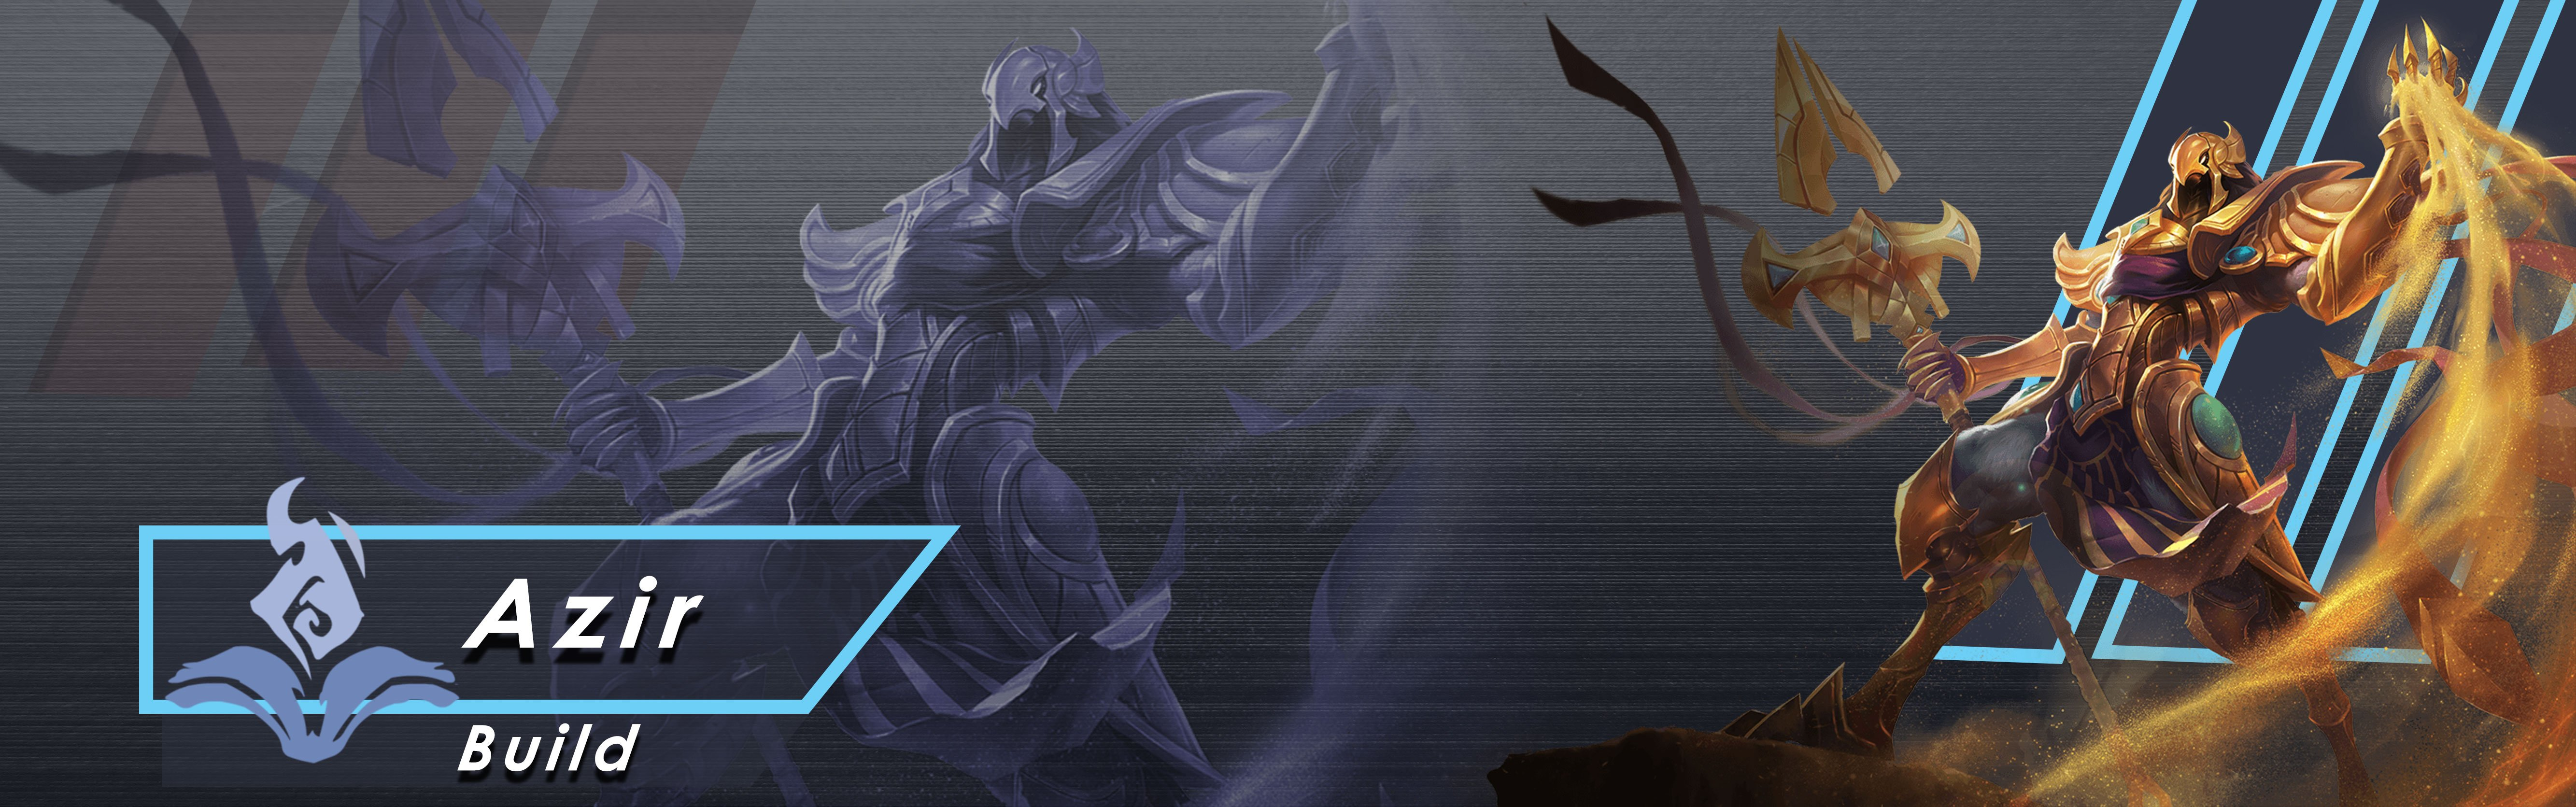 Guía de campeón Azir